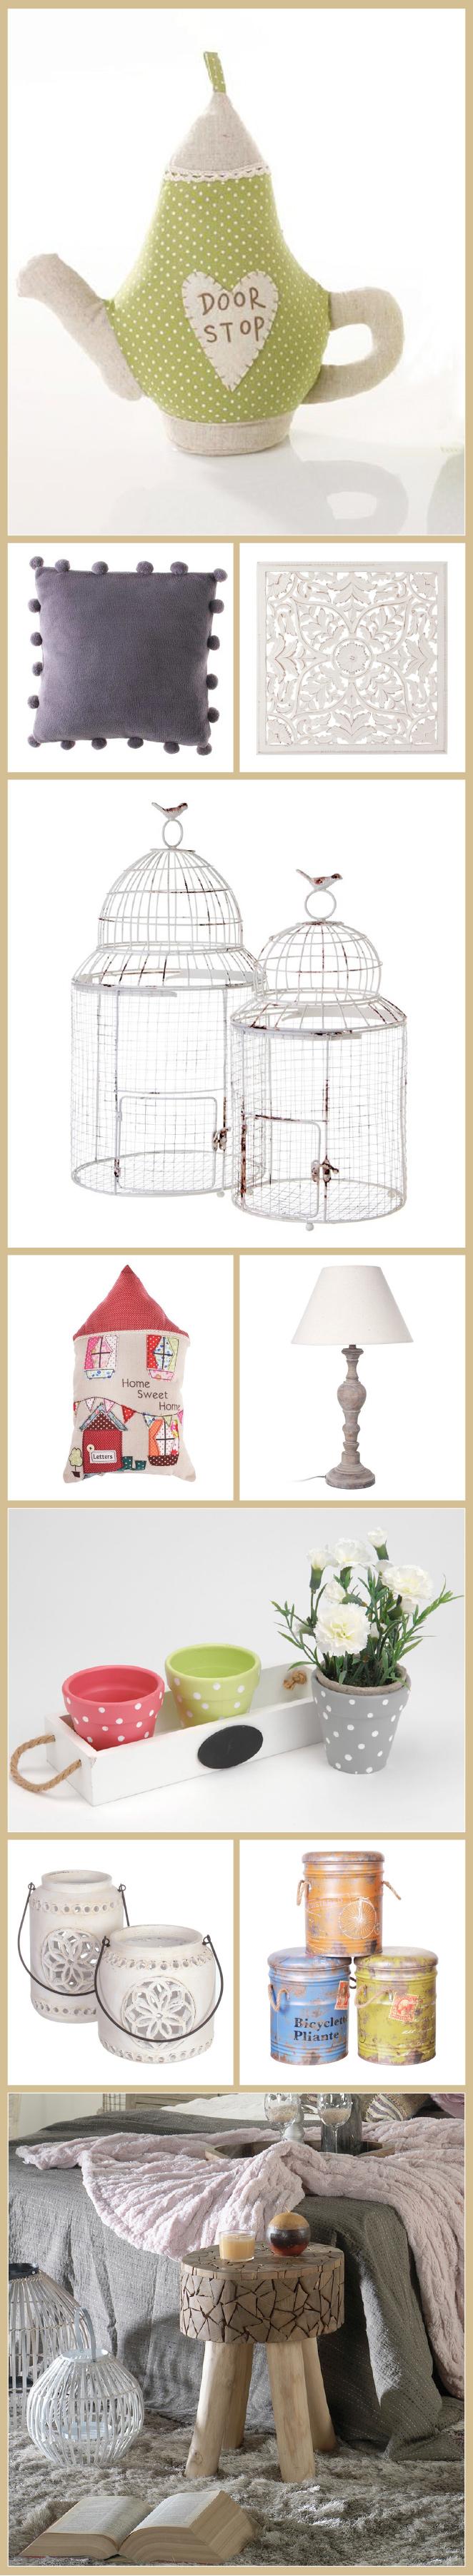 Selección de complementos decorativos, vajillas, cristalerías, alfombras y elementos de iluminación de muebles Banak